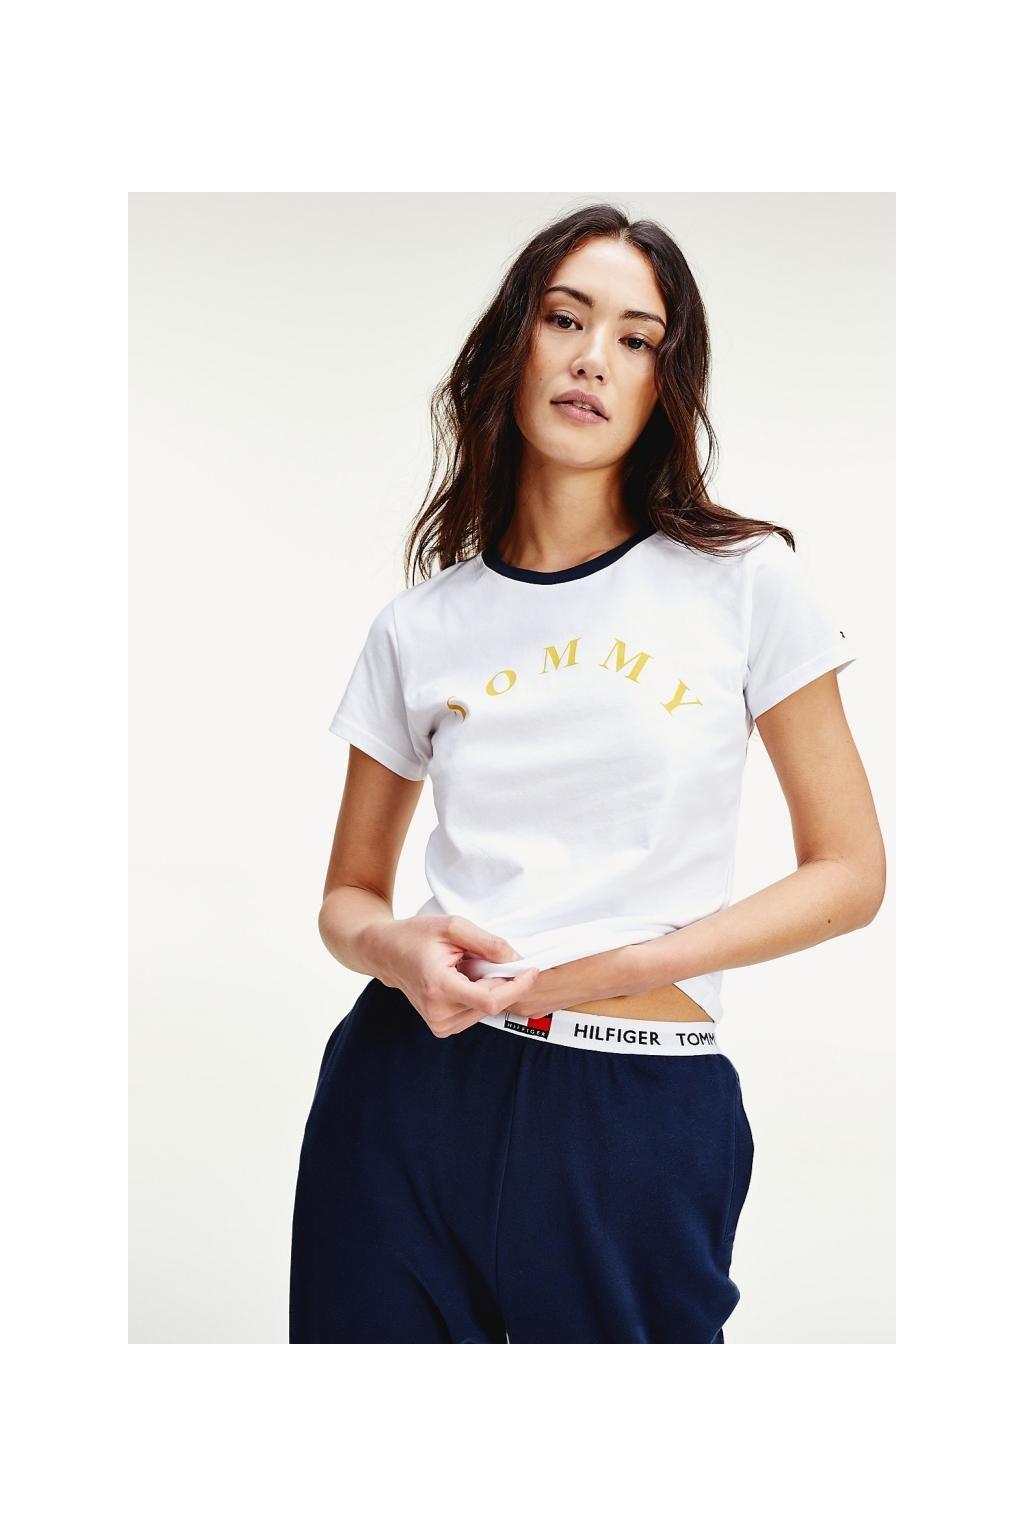 Tommy Hilfiger Slogan tričko dámské - bílé